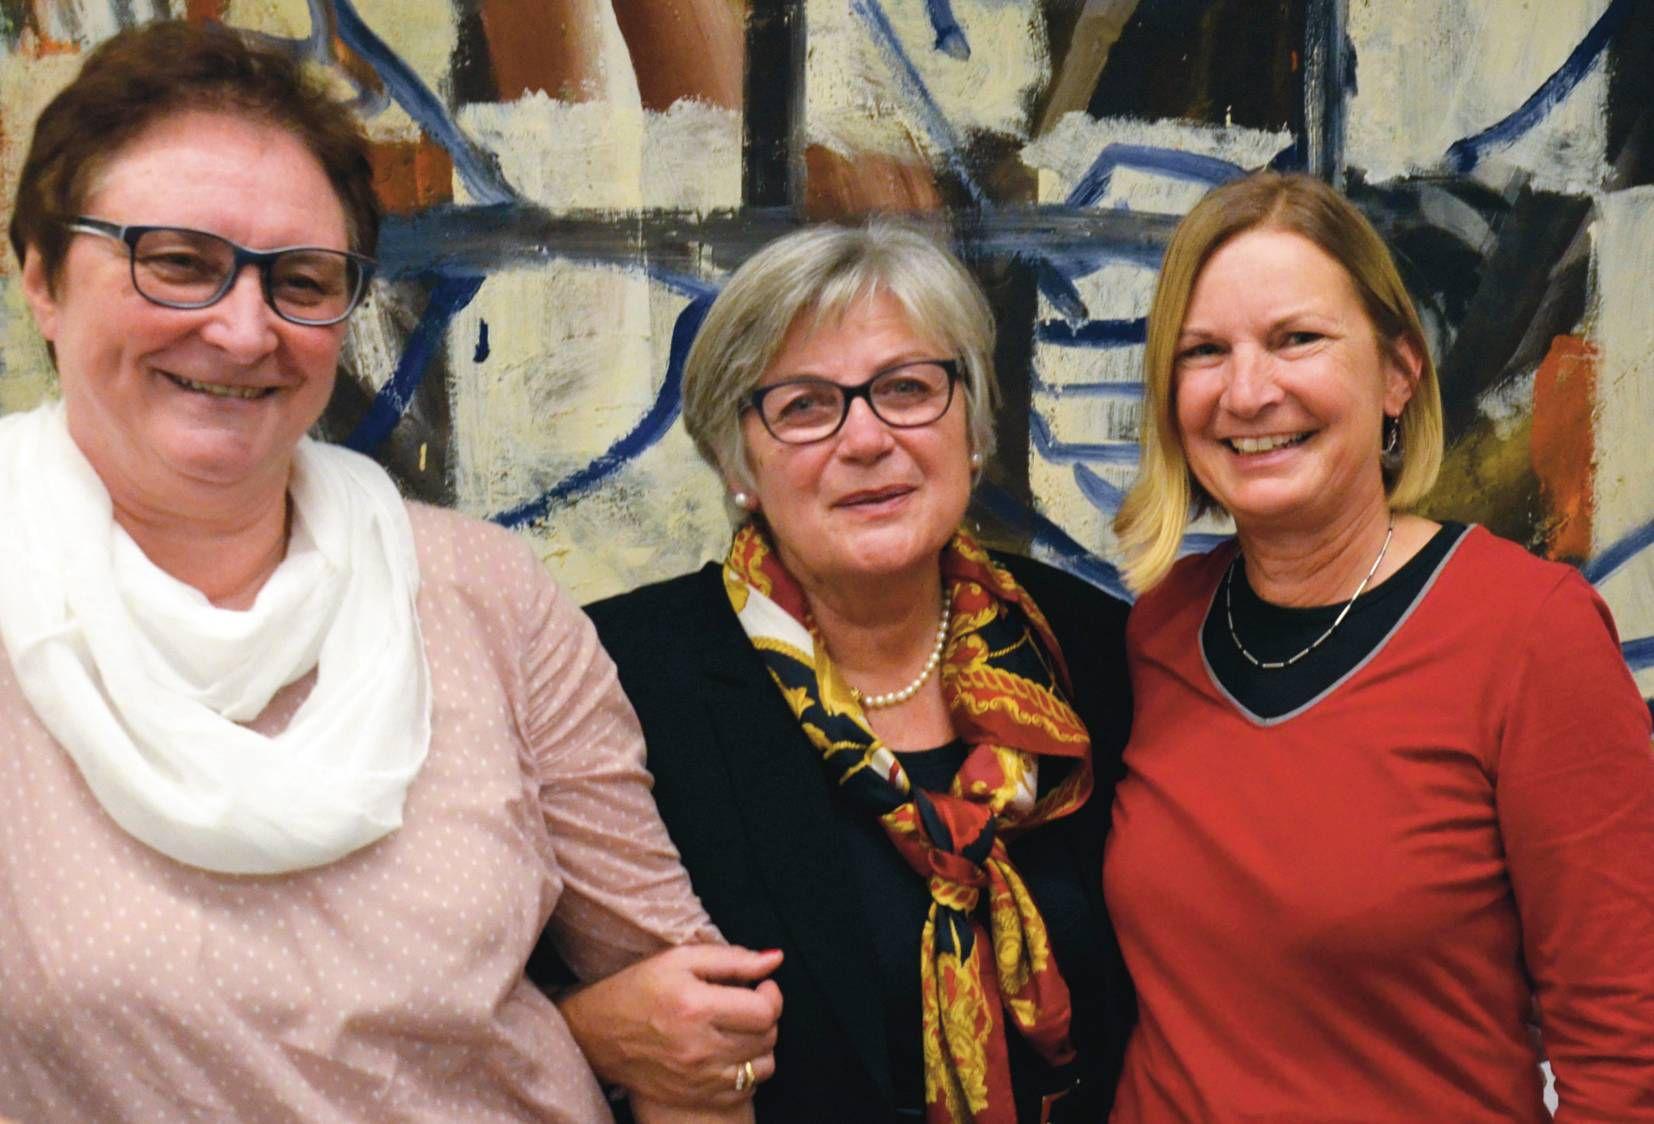 Frauenpower in Würzburg: Angelika Goj vom Stadtverband der KAB, Referentin Edeltraud Linkesch und KAB-Bildungsreferentin Evelyn Bausch.